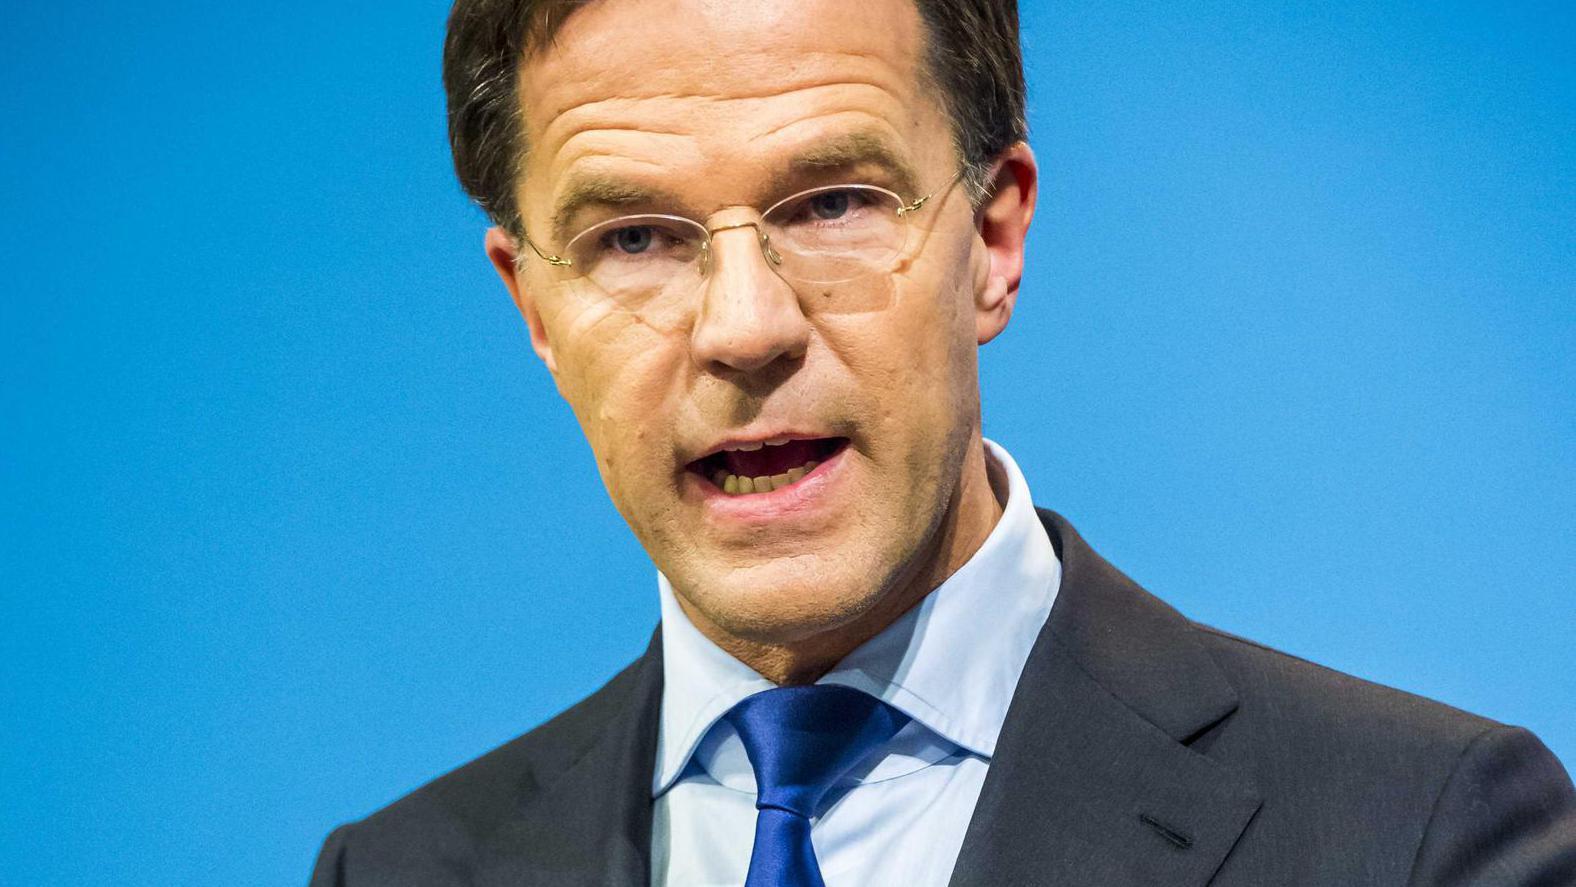 De affaire rond Halbe Zijlstra raakt ook premier Mark Rutte